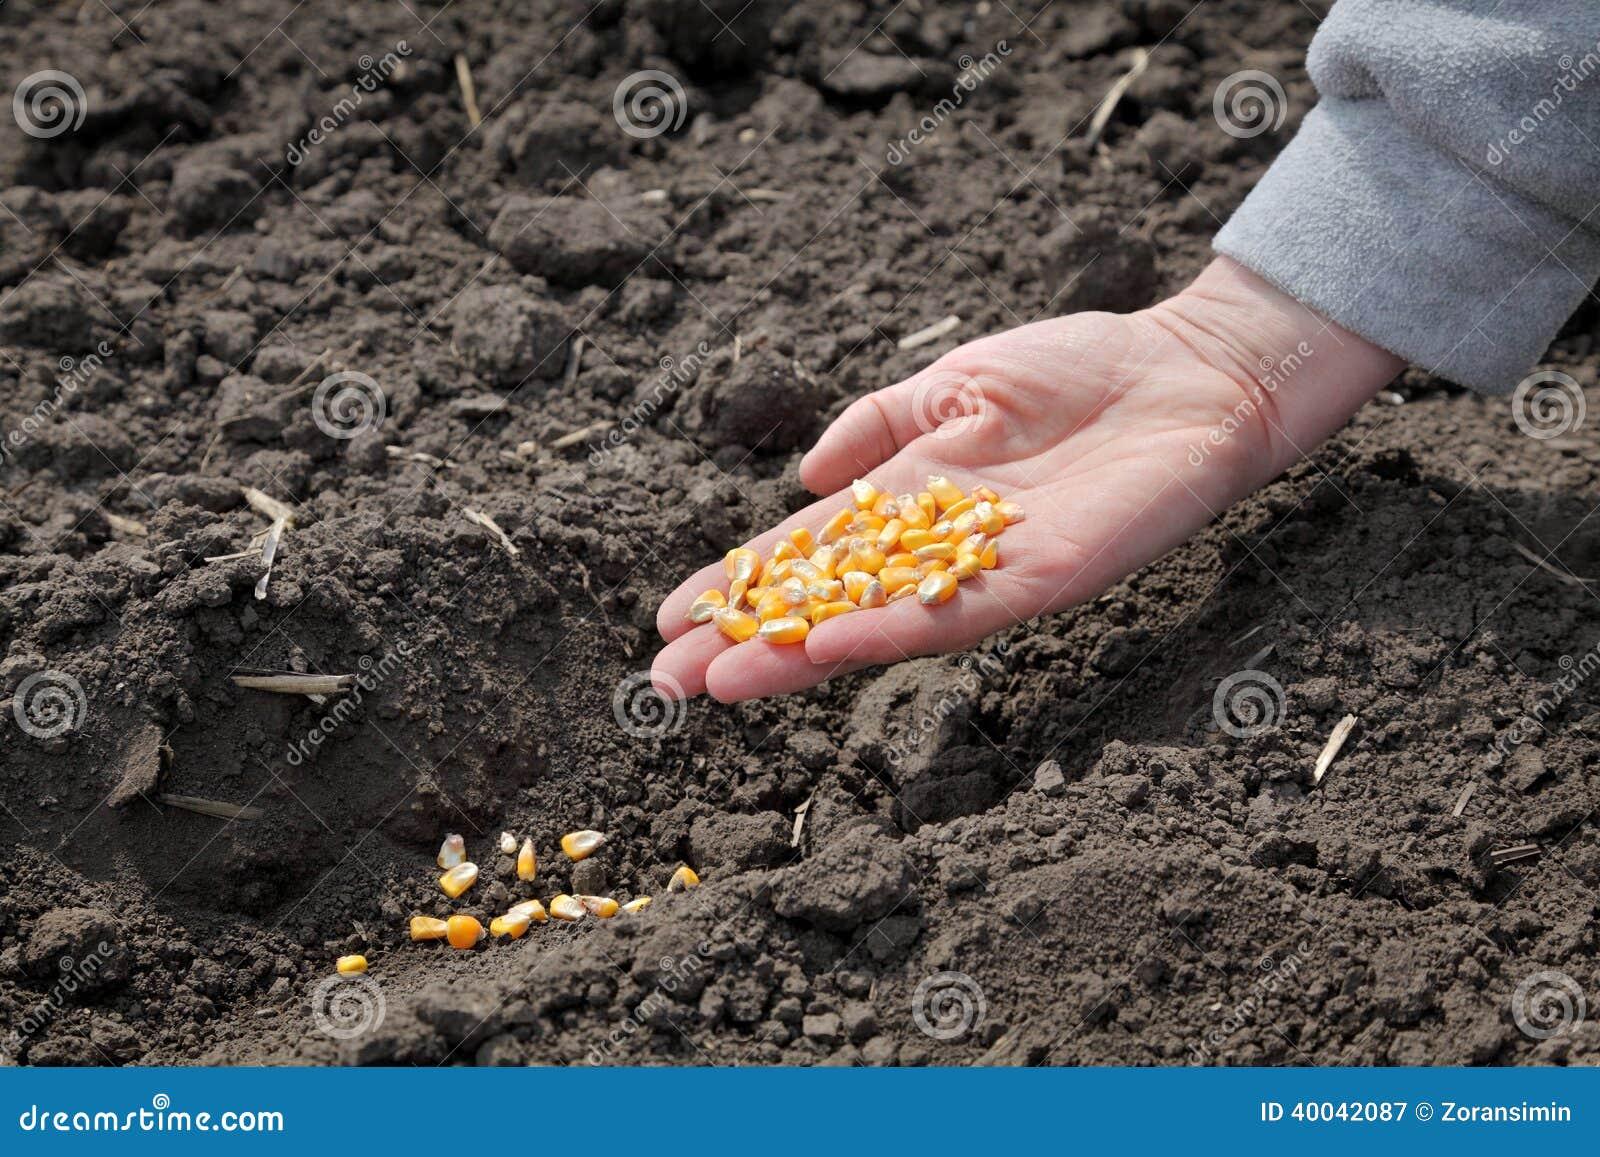 Agricultura siembra del ma z foto de archivo imagen for Sembrar maiz y frijol juntos